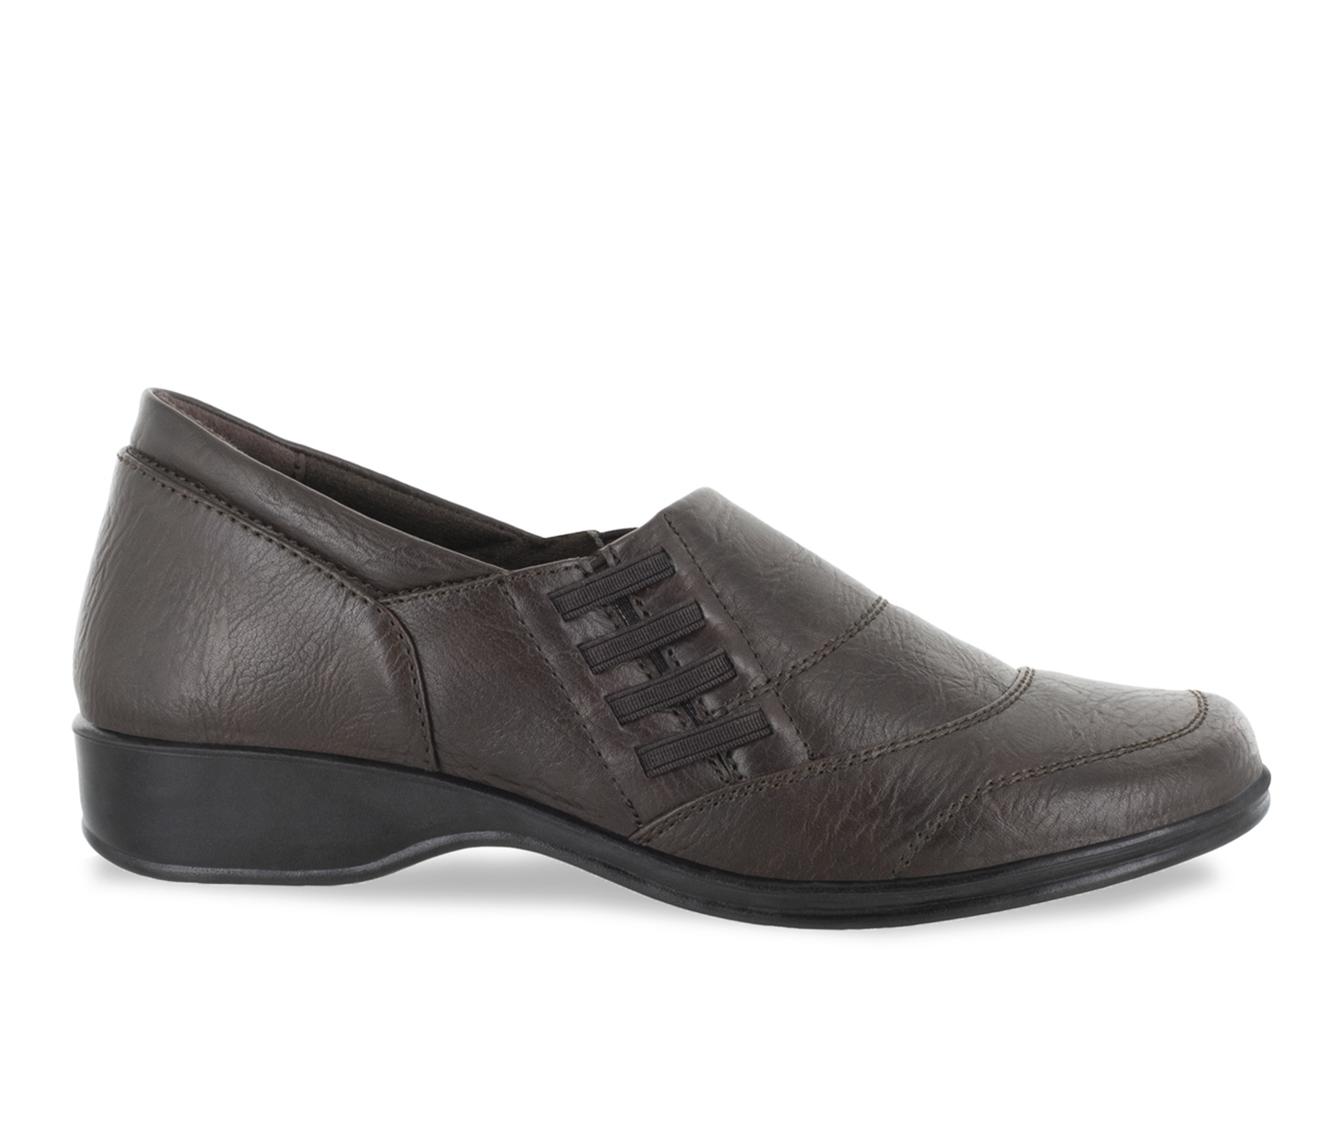 Easy Street Avenue Women's Shoe (Brown Faux Leather)